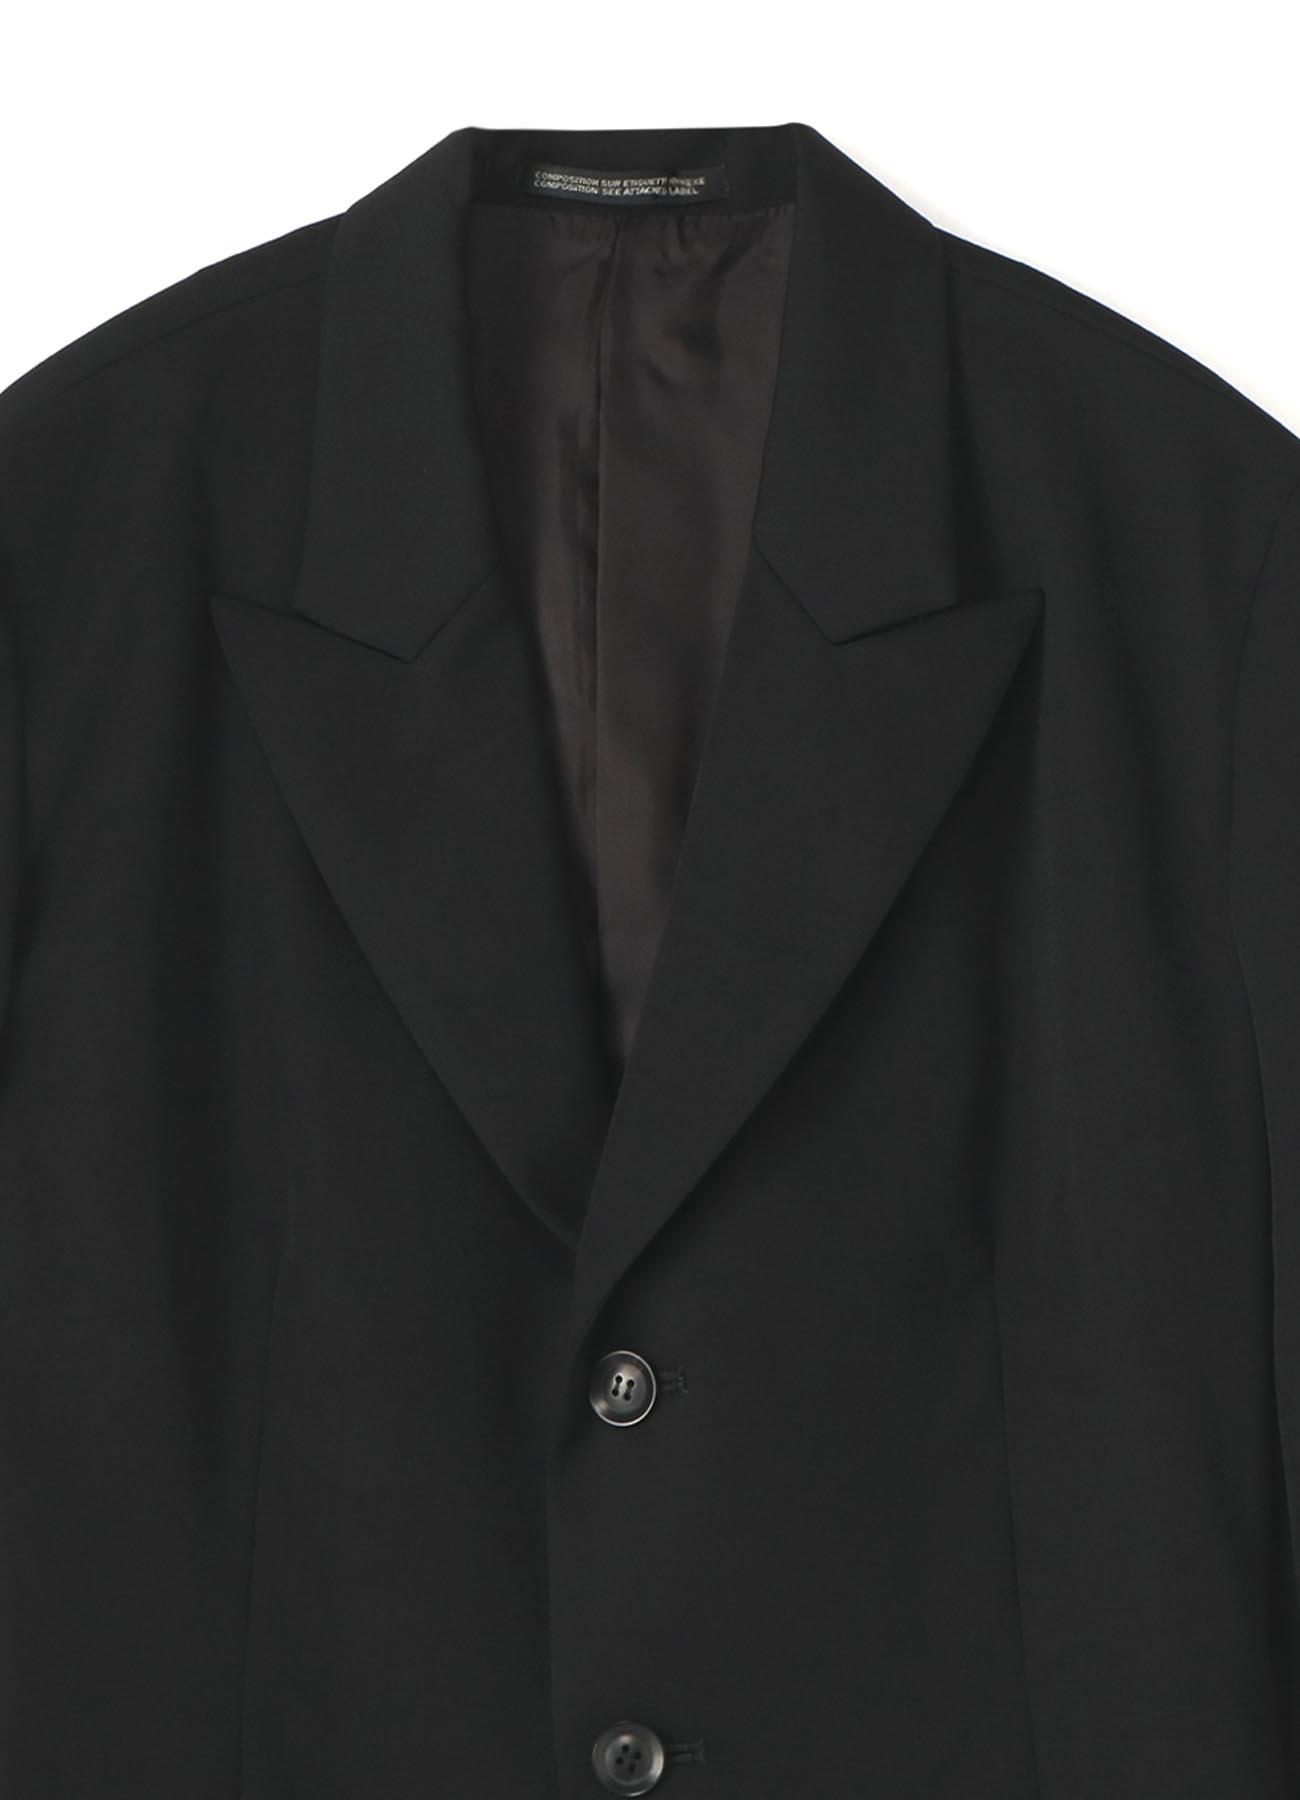 シワギャバ左前フラシ布付ジャケット